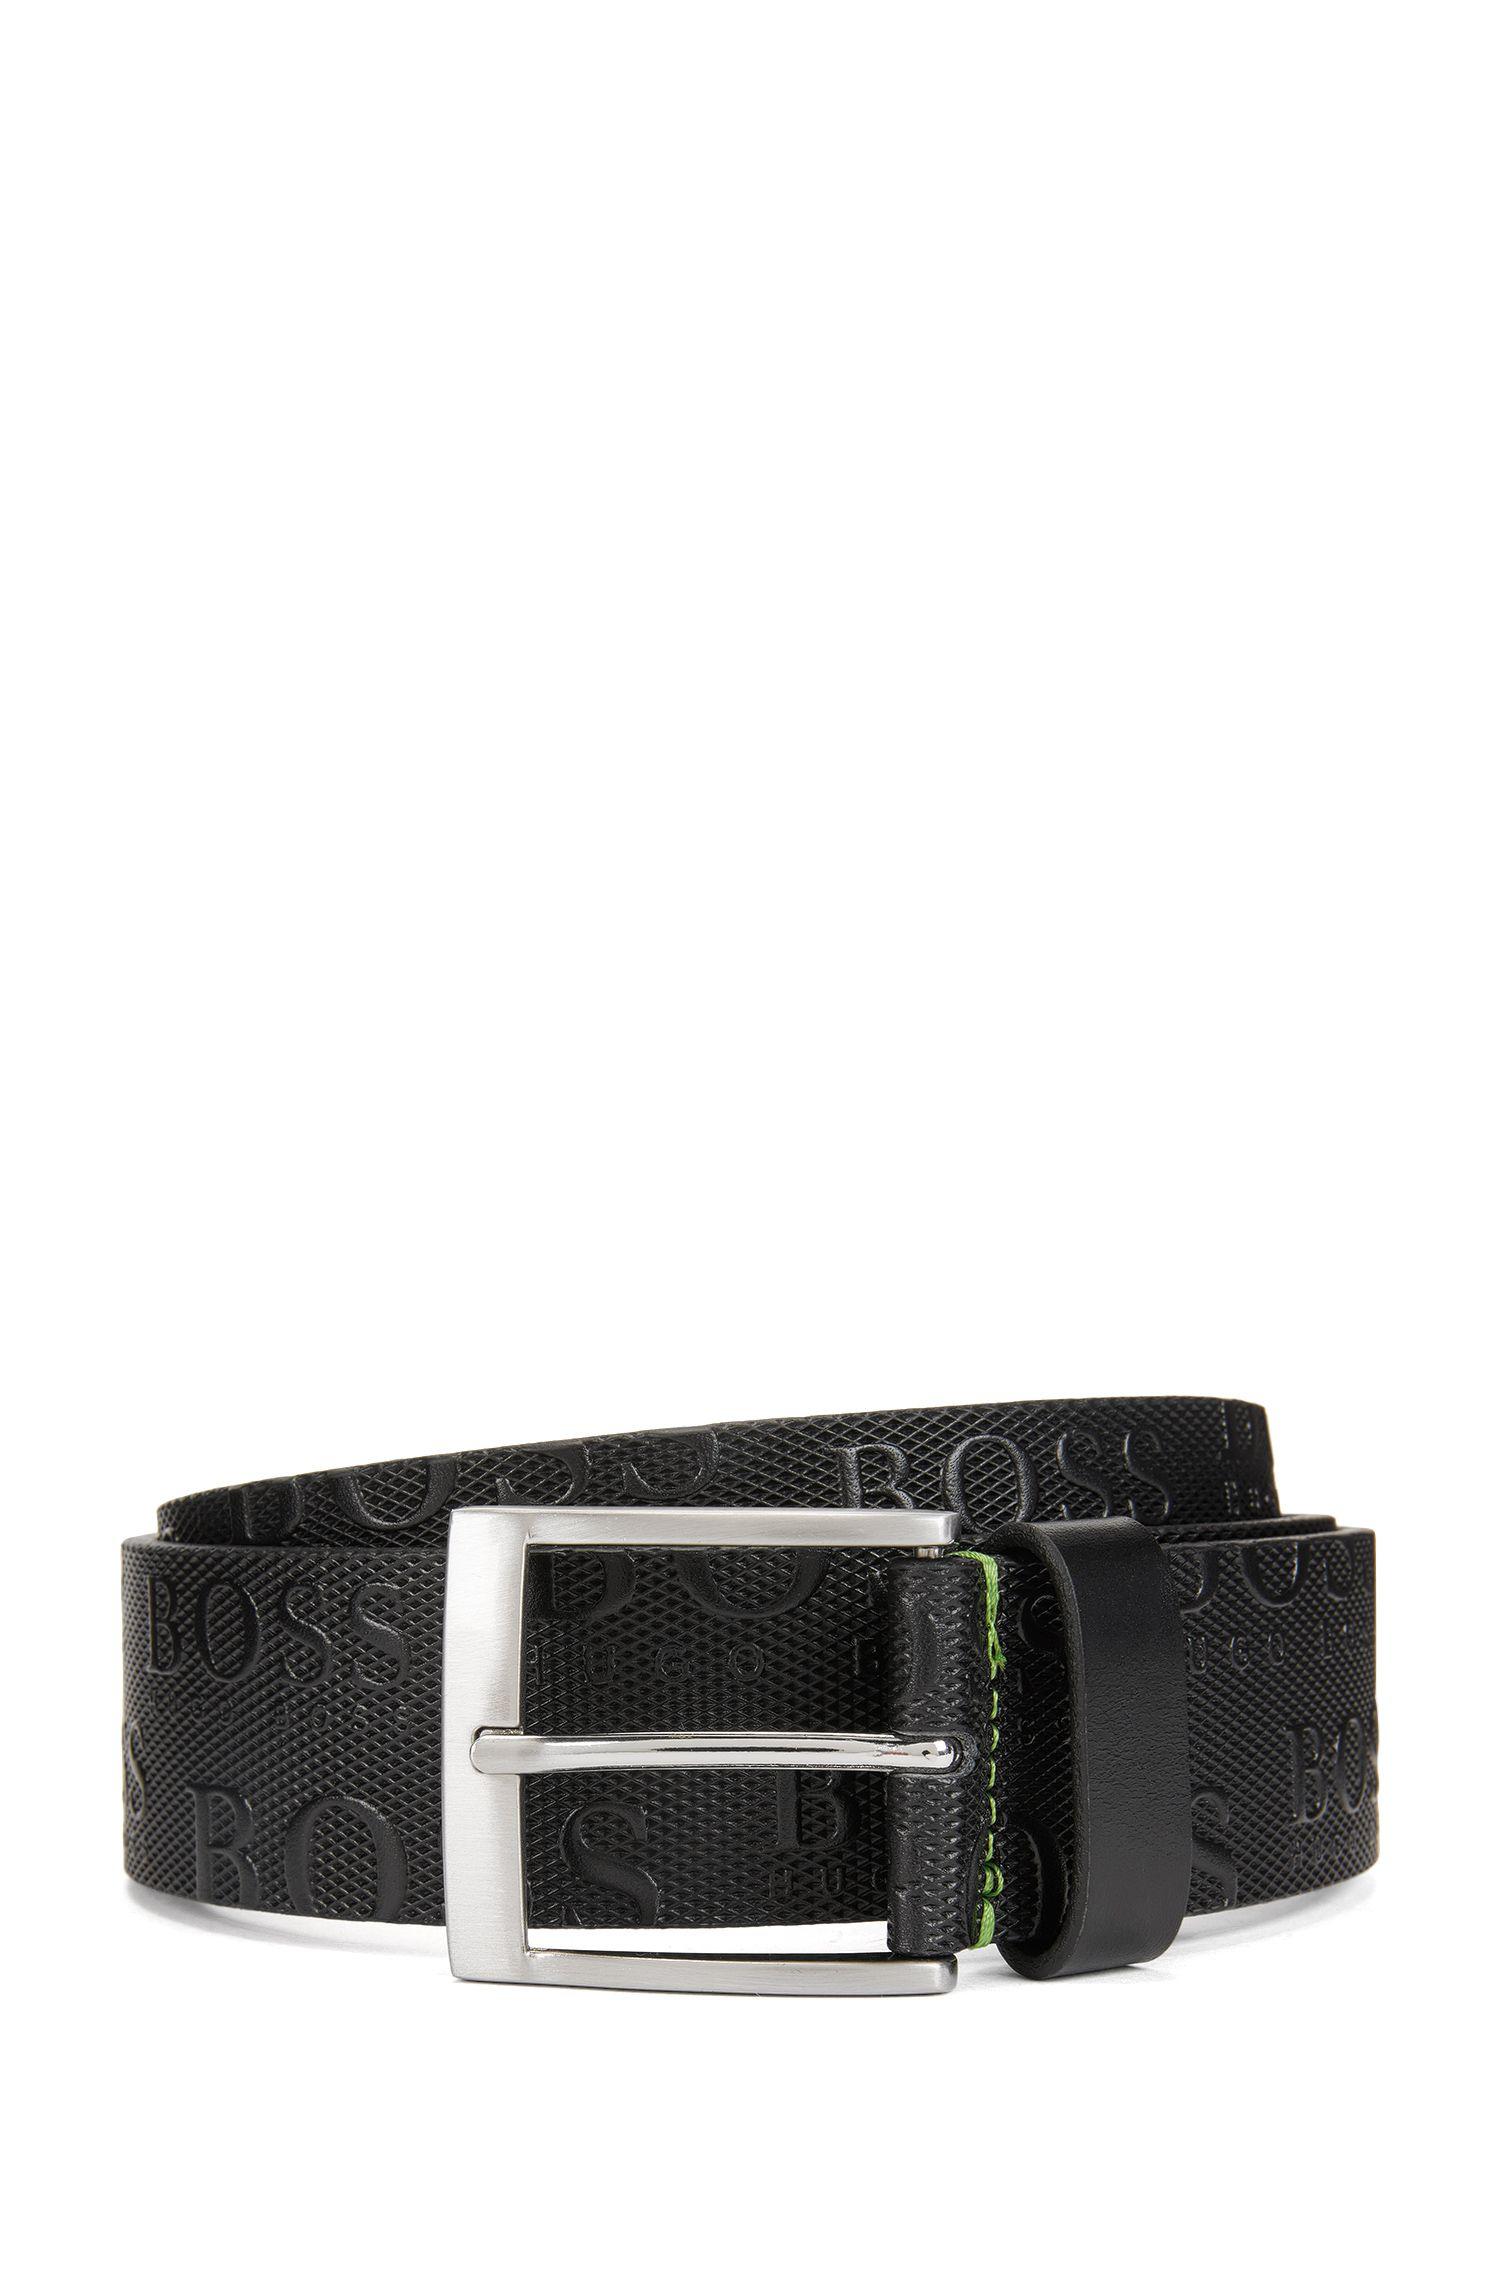 Leather Allover Logo Belt | Torialo, Black